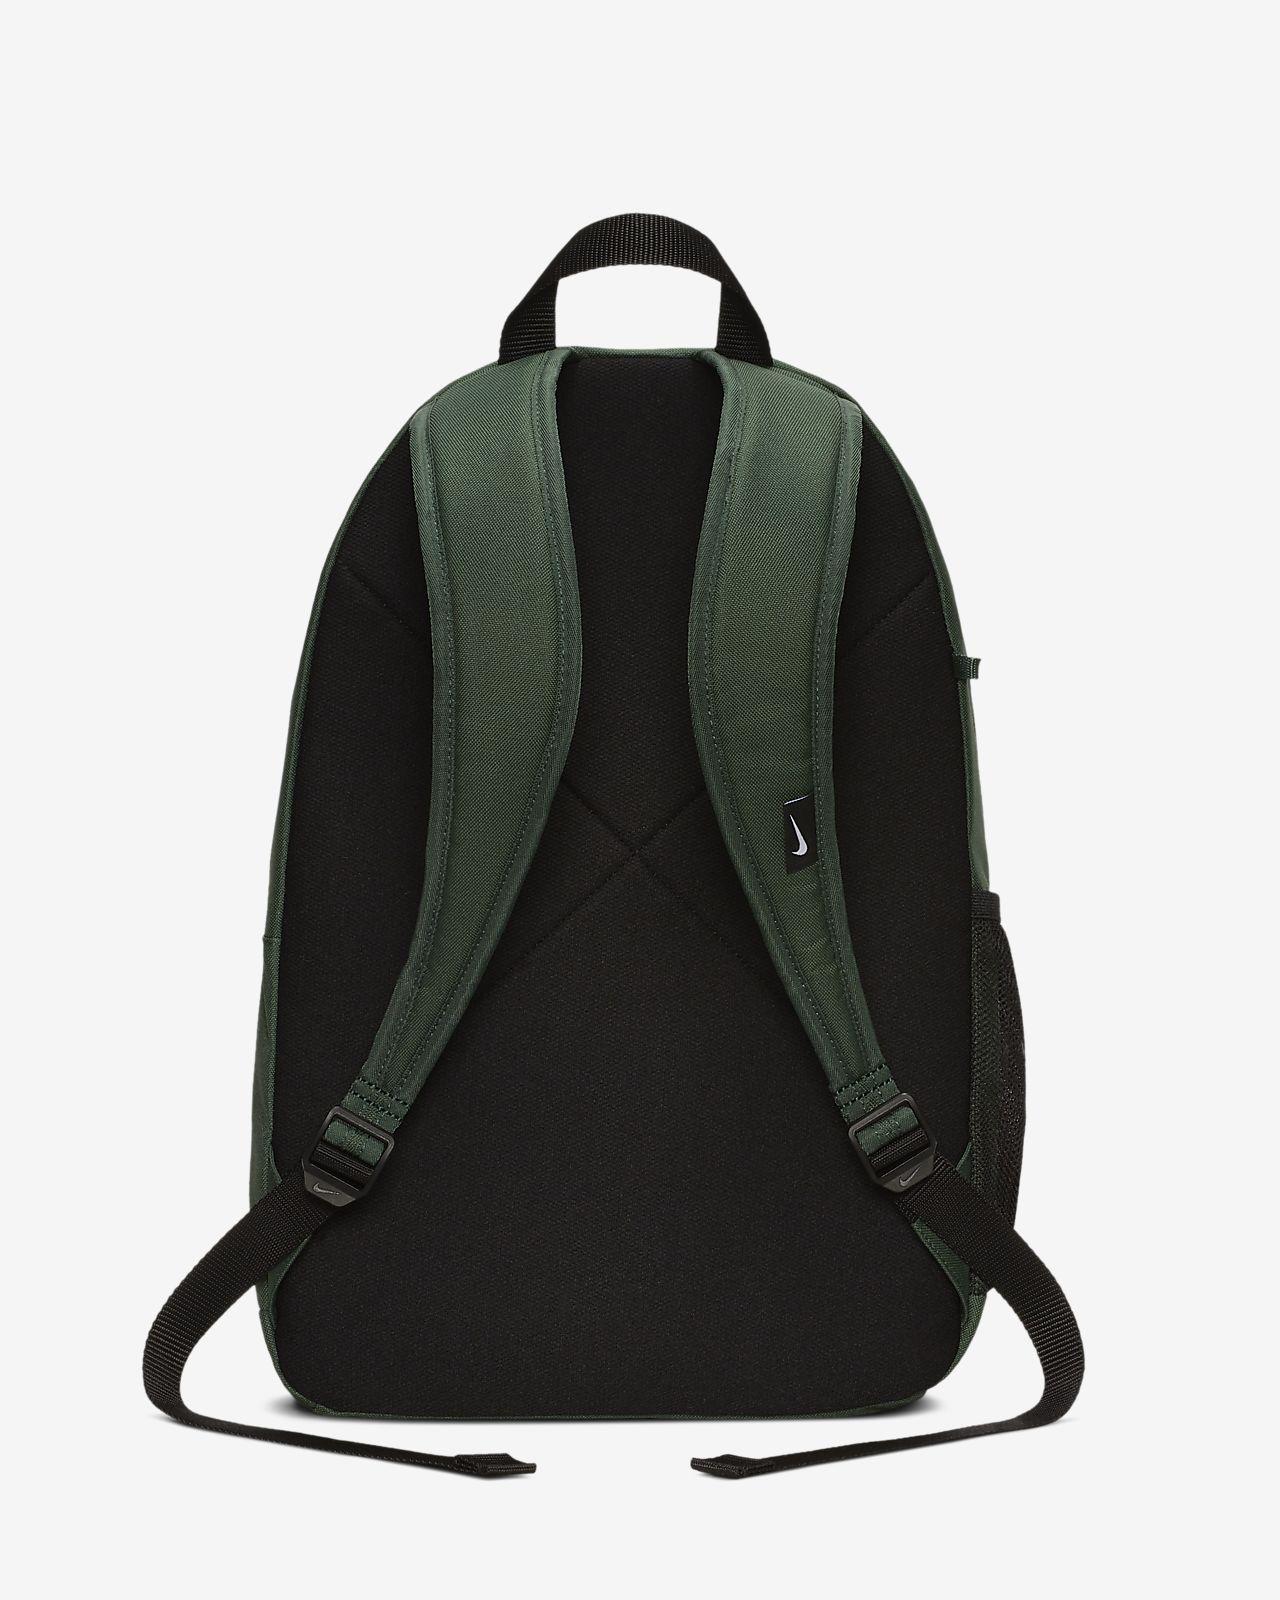 3dbc8eae5f Low Resolution Nike Kids  Backpack Nike Kids  Backpack